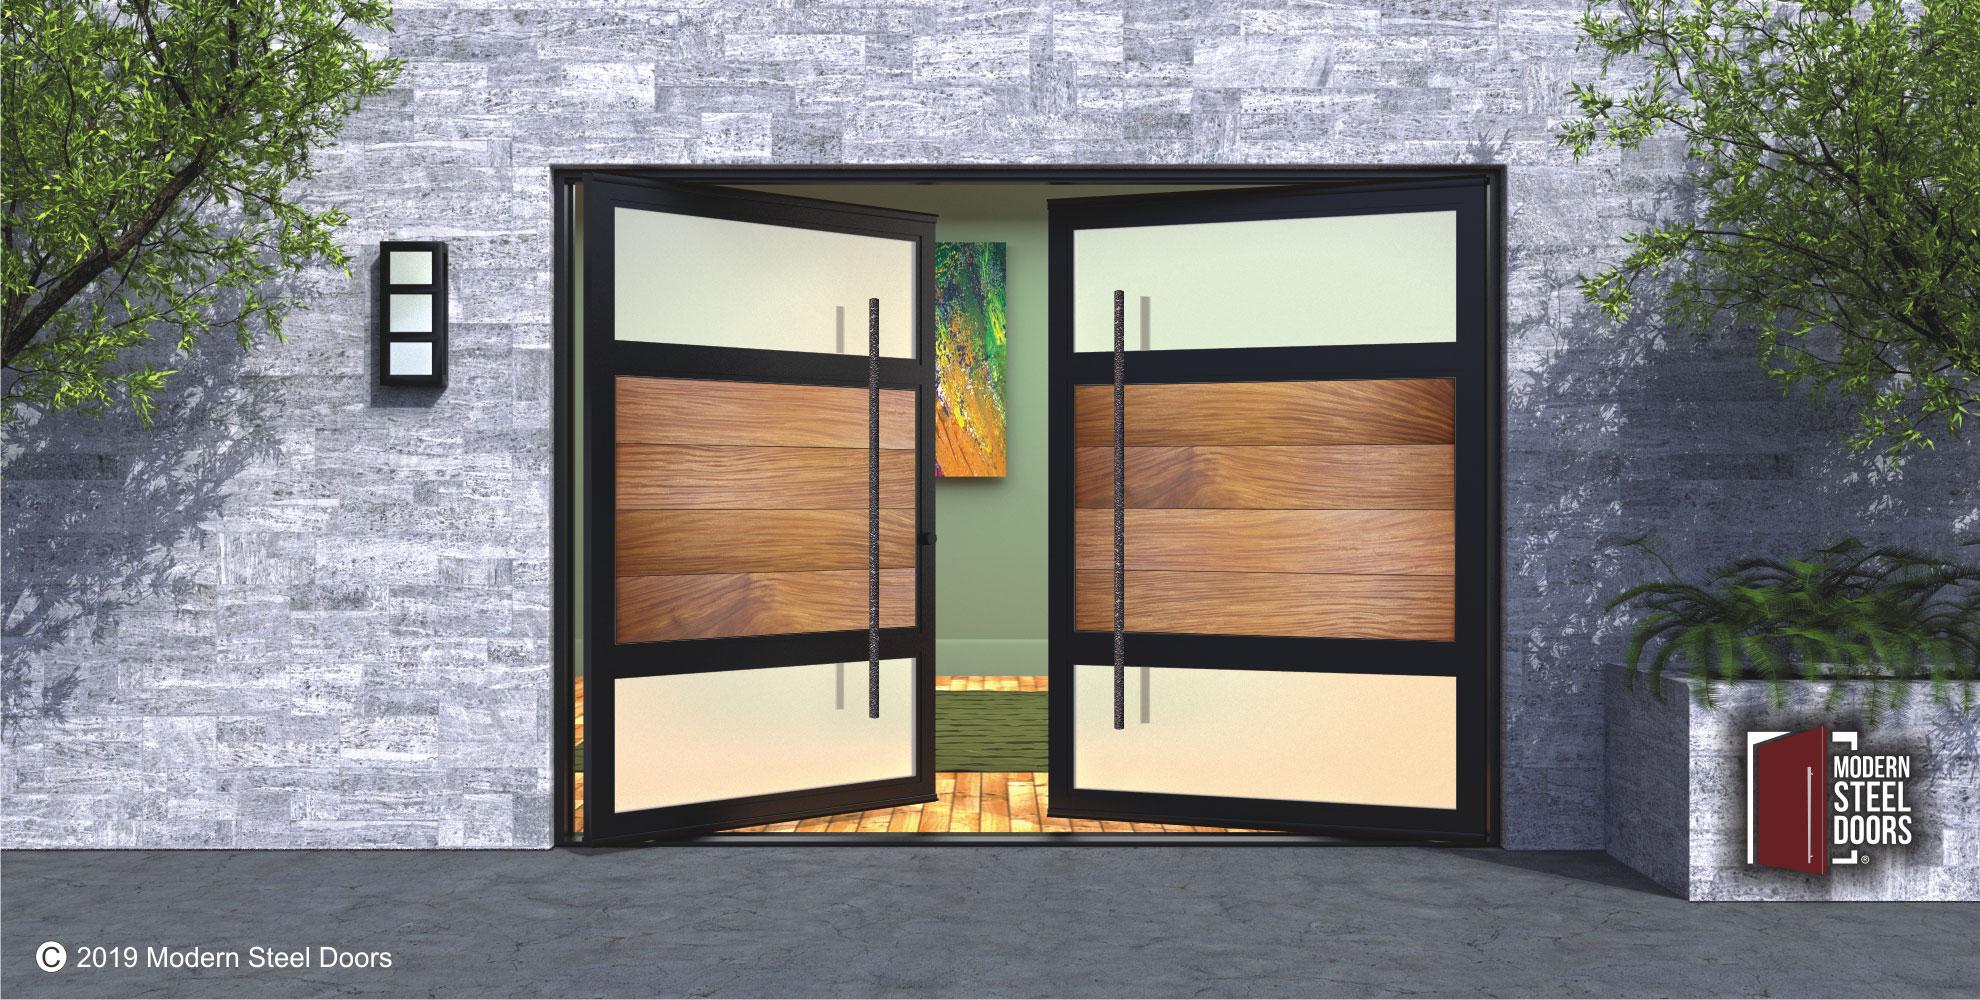 TEAK-HORIZON-DOUBLE-DOOR-WITH-ROUND-FACETED-PULLS